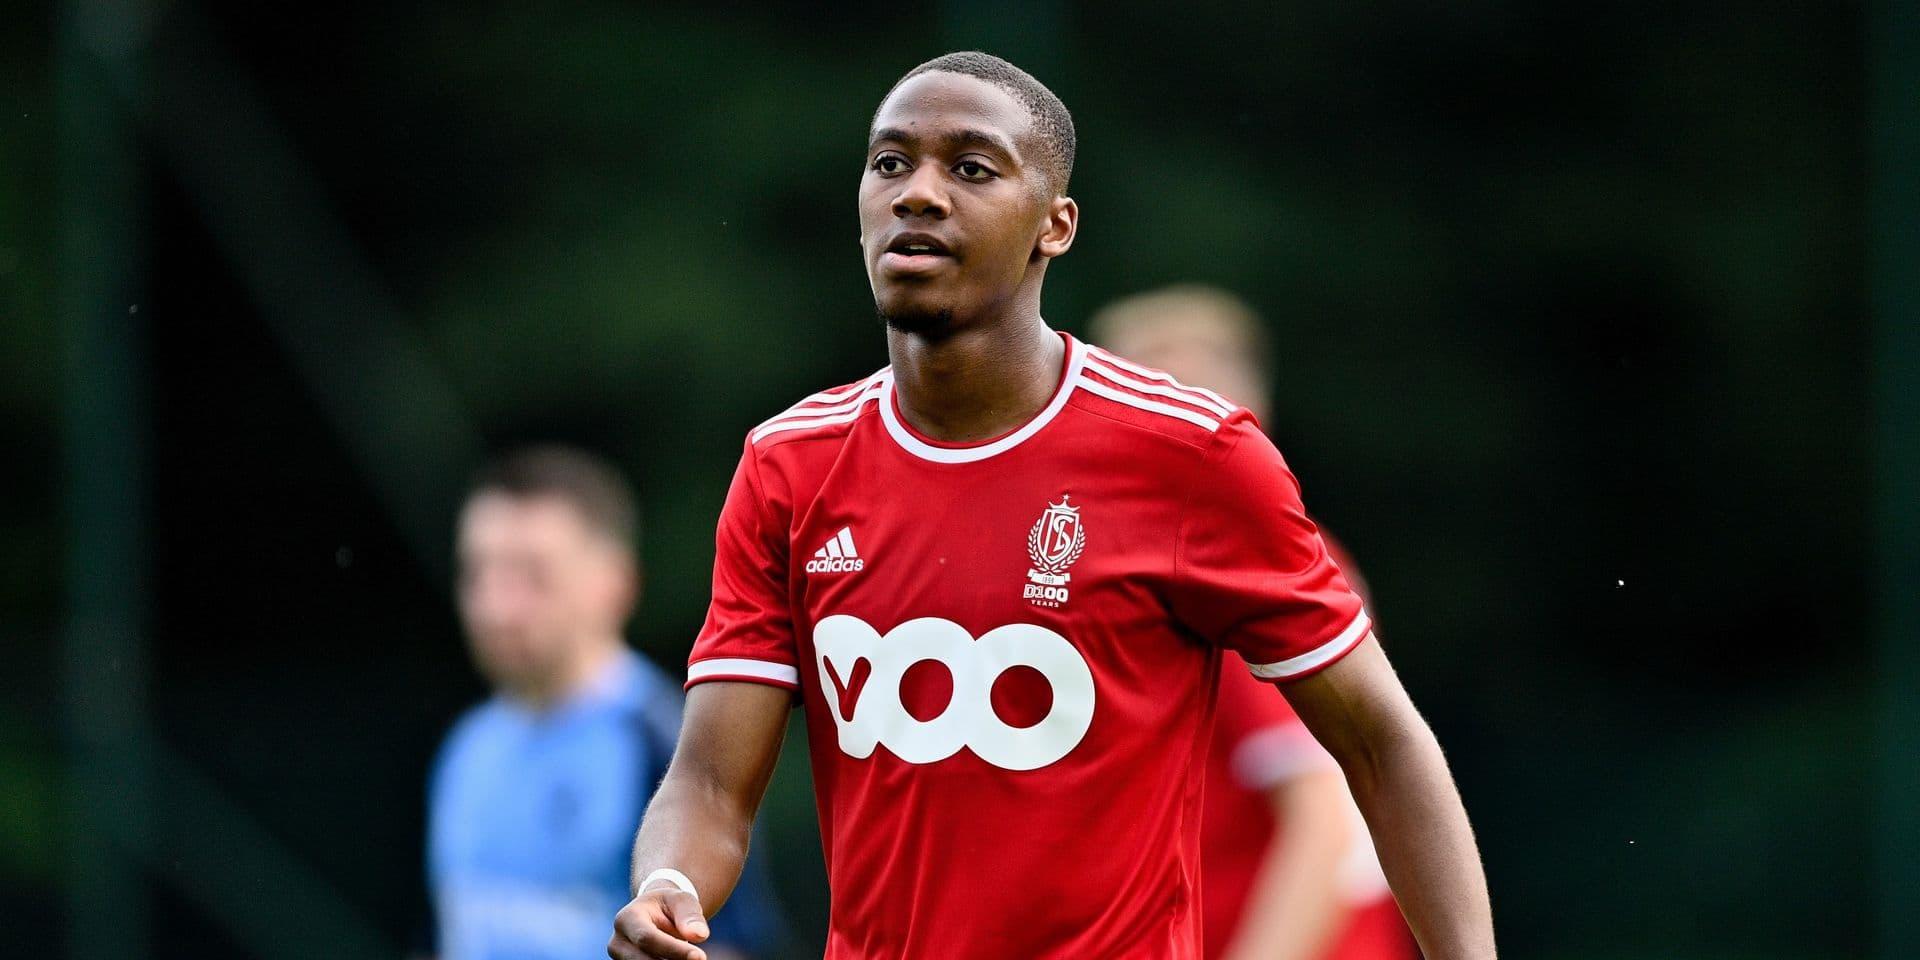 Alors que le Standard négociait sa vente, Michel-Ange Balikwisha a demandé la résiliation de son contrat !